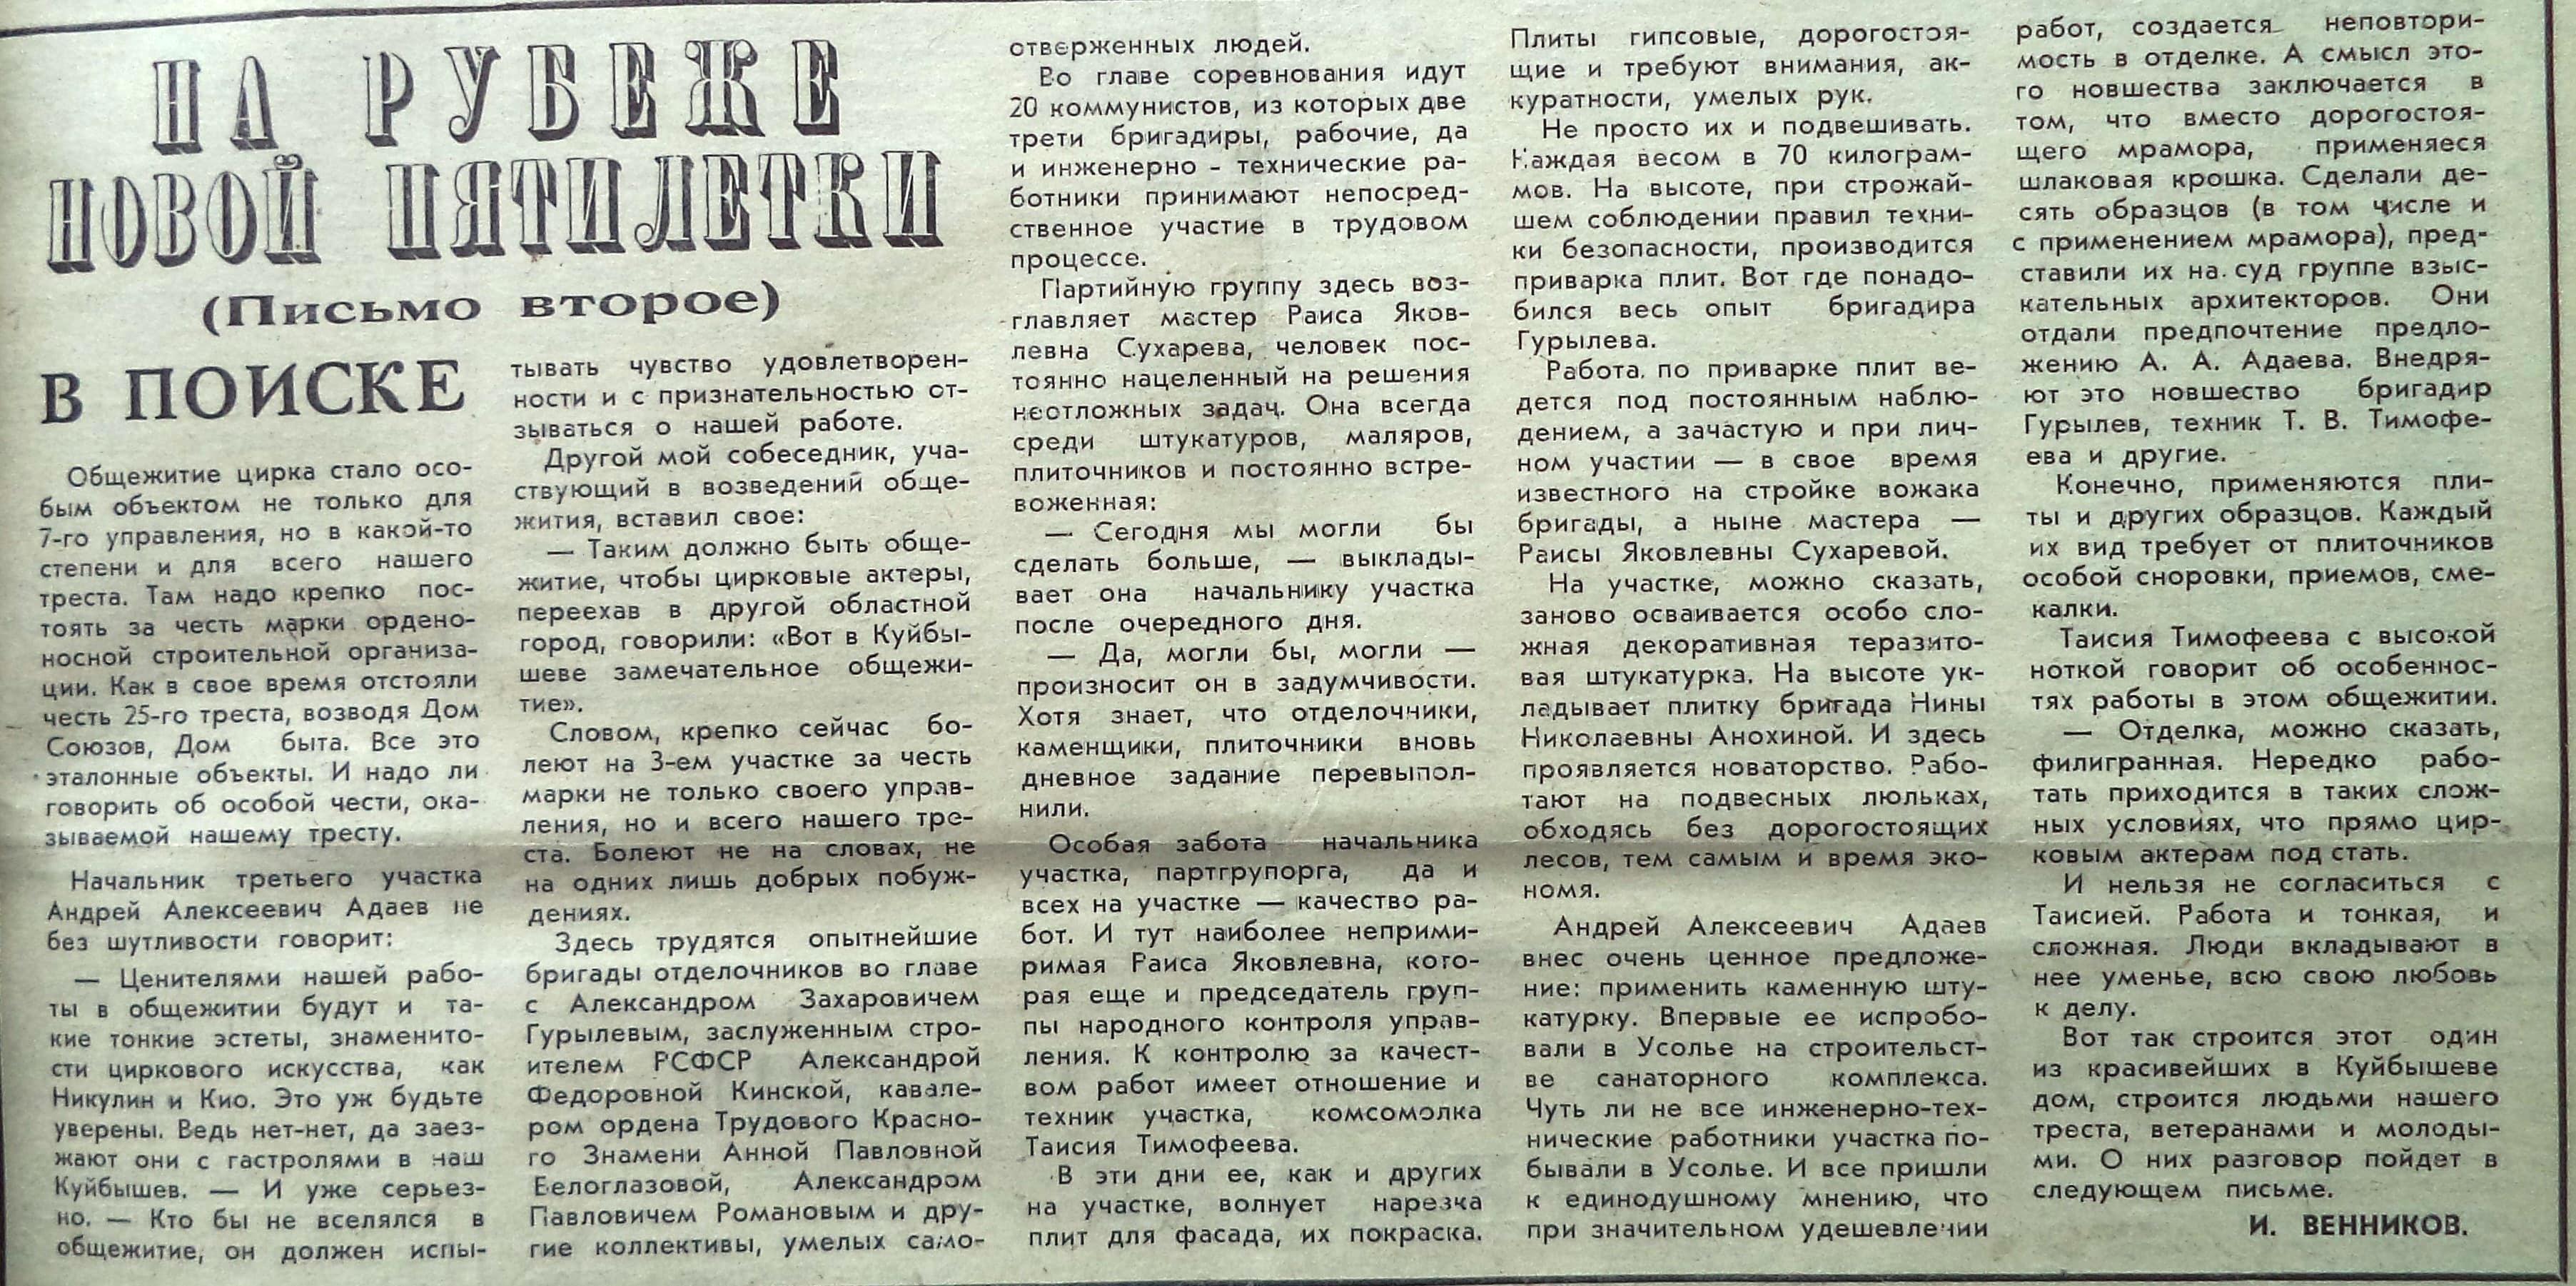 28 июля 1976 года - гостиница Театральная